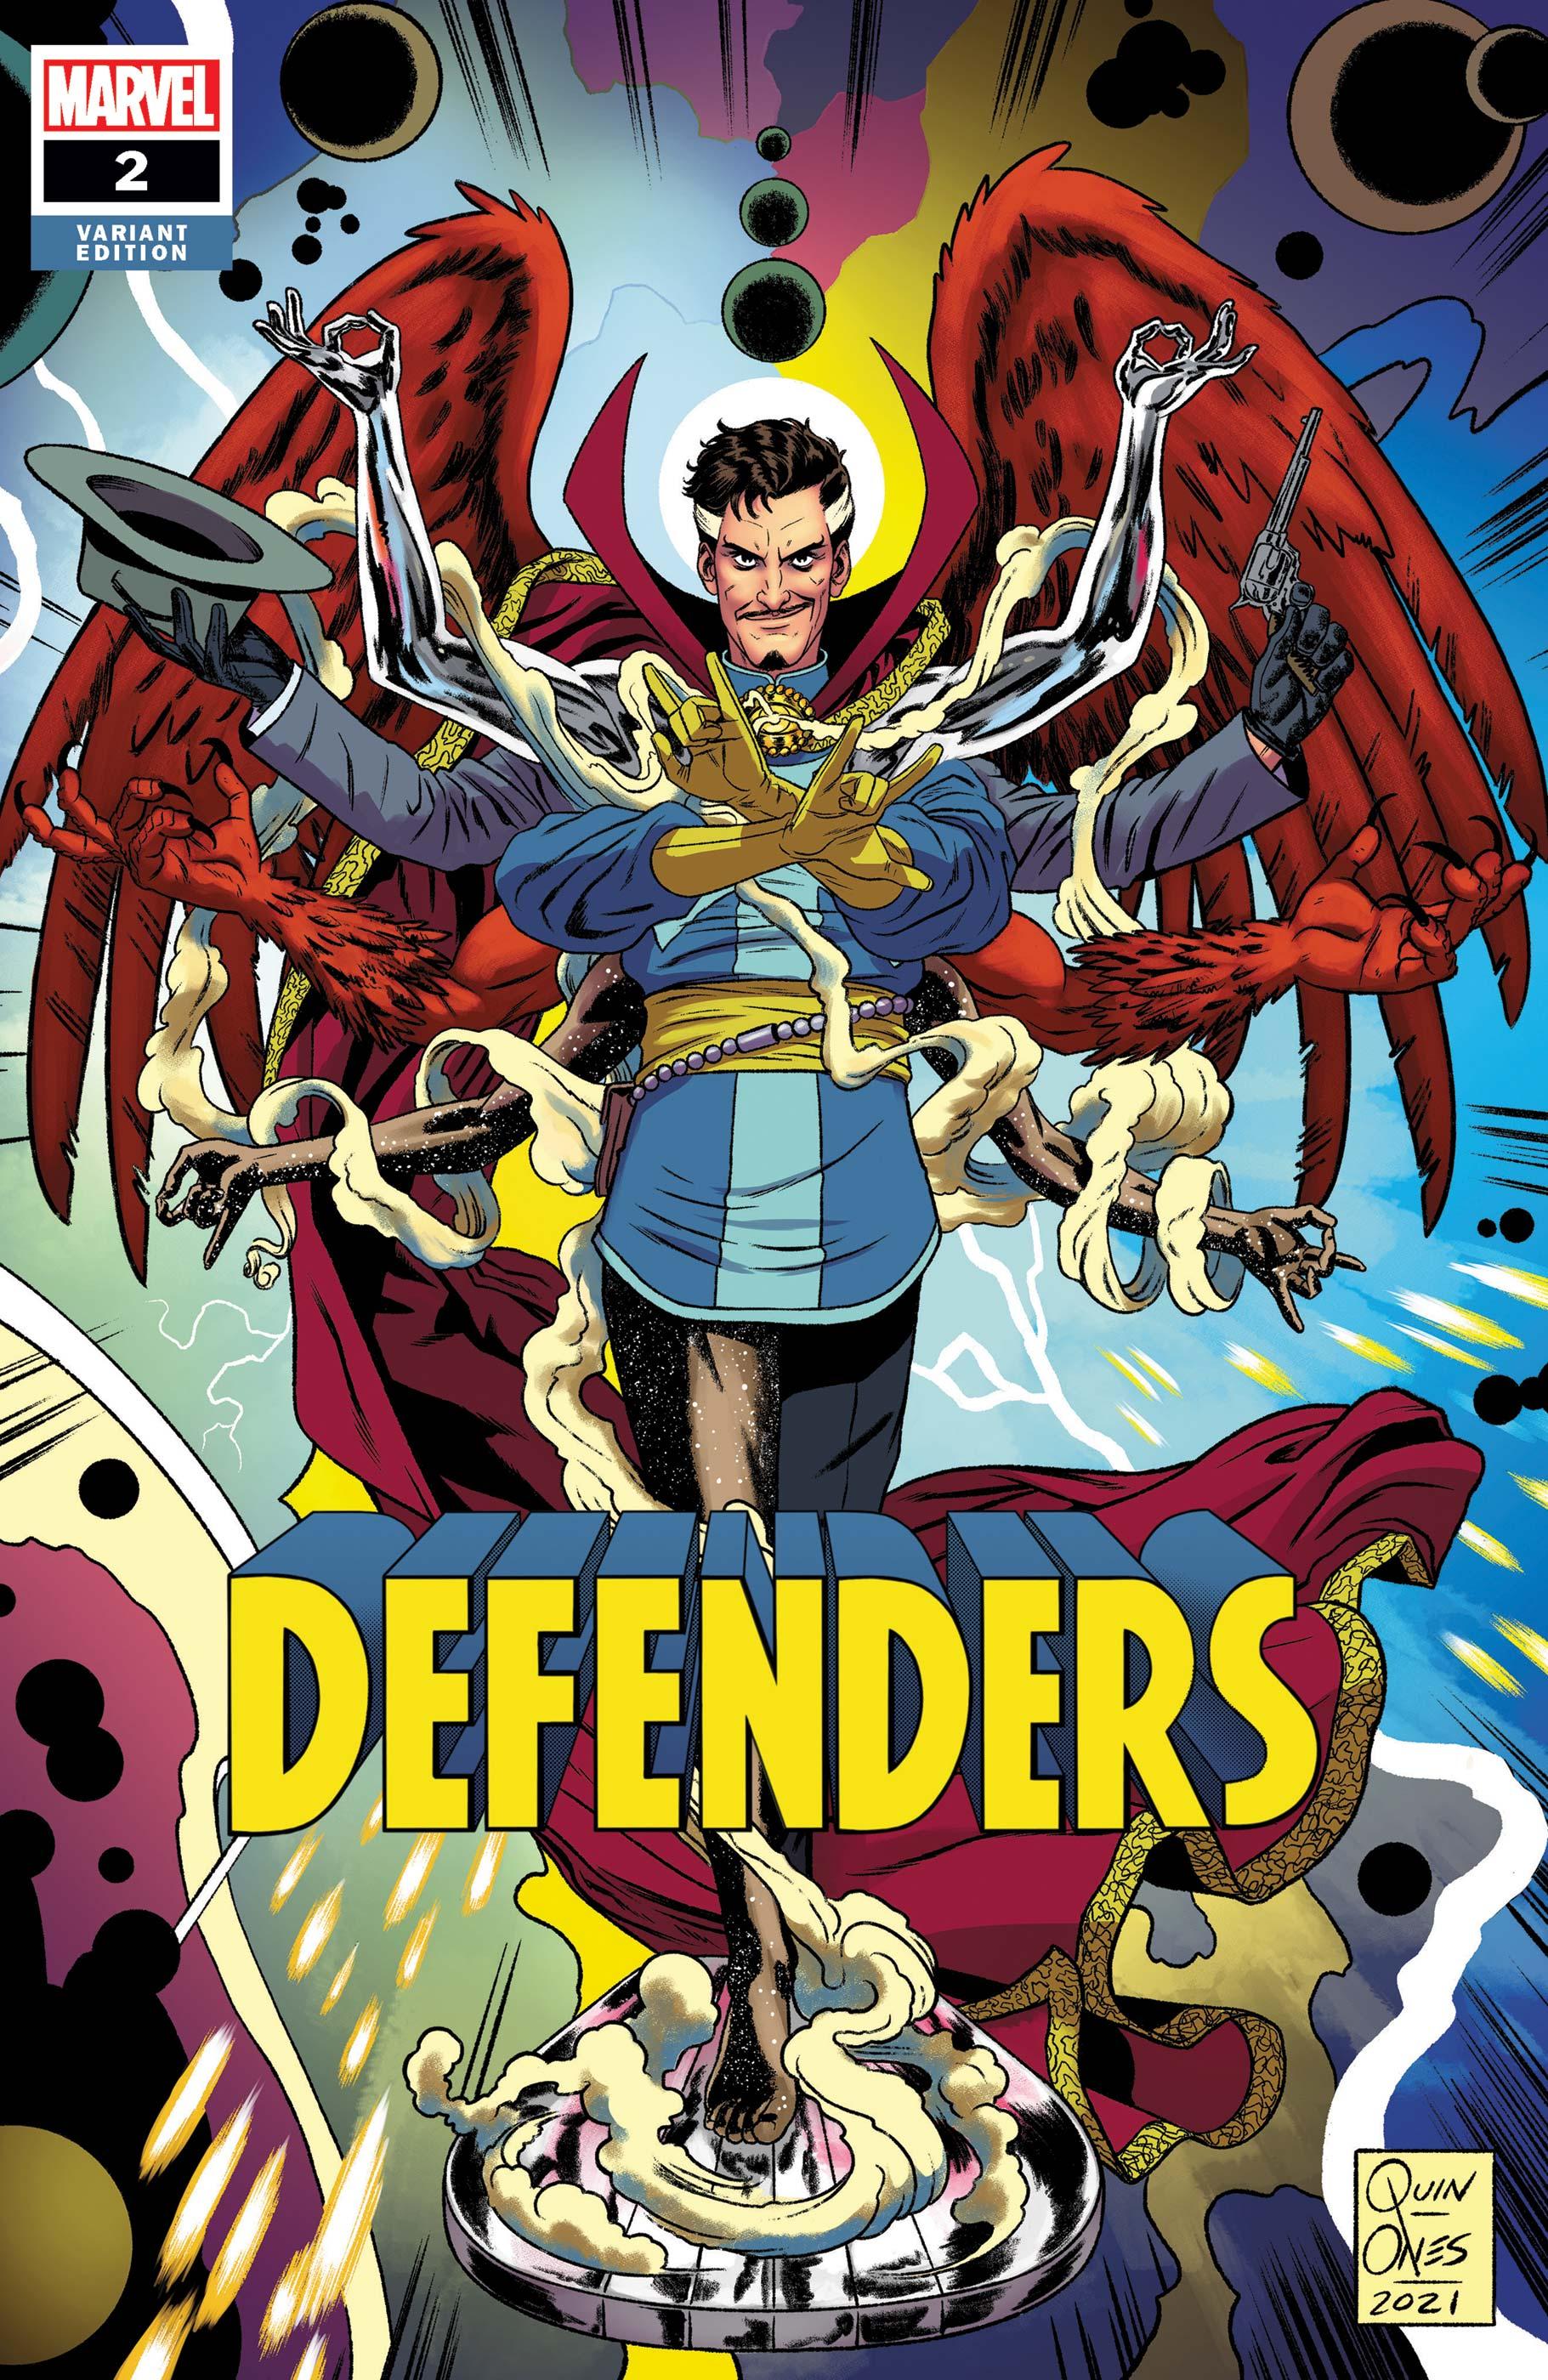 Defenders (2021) #2 (Variant)